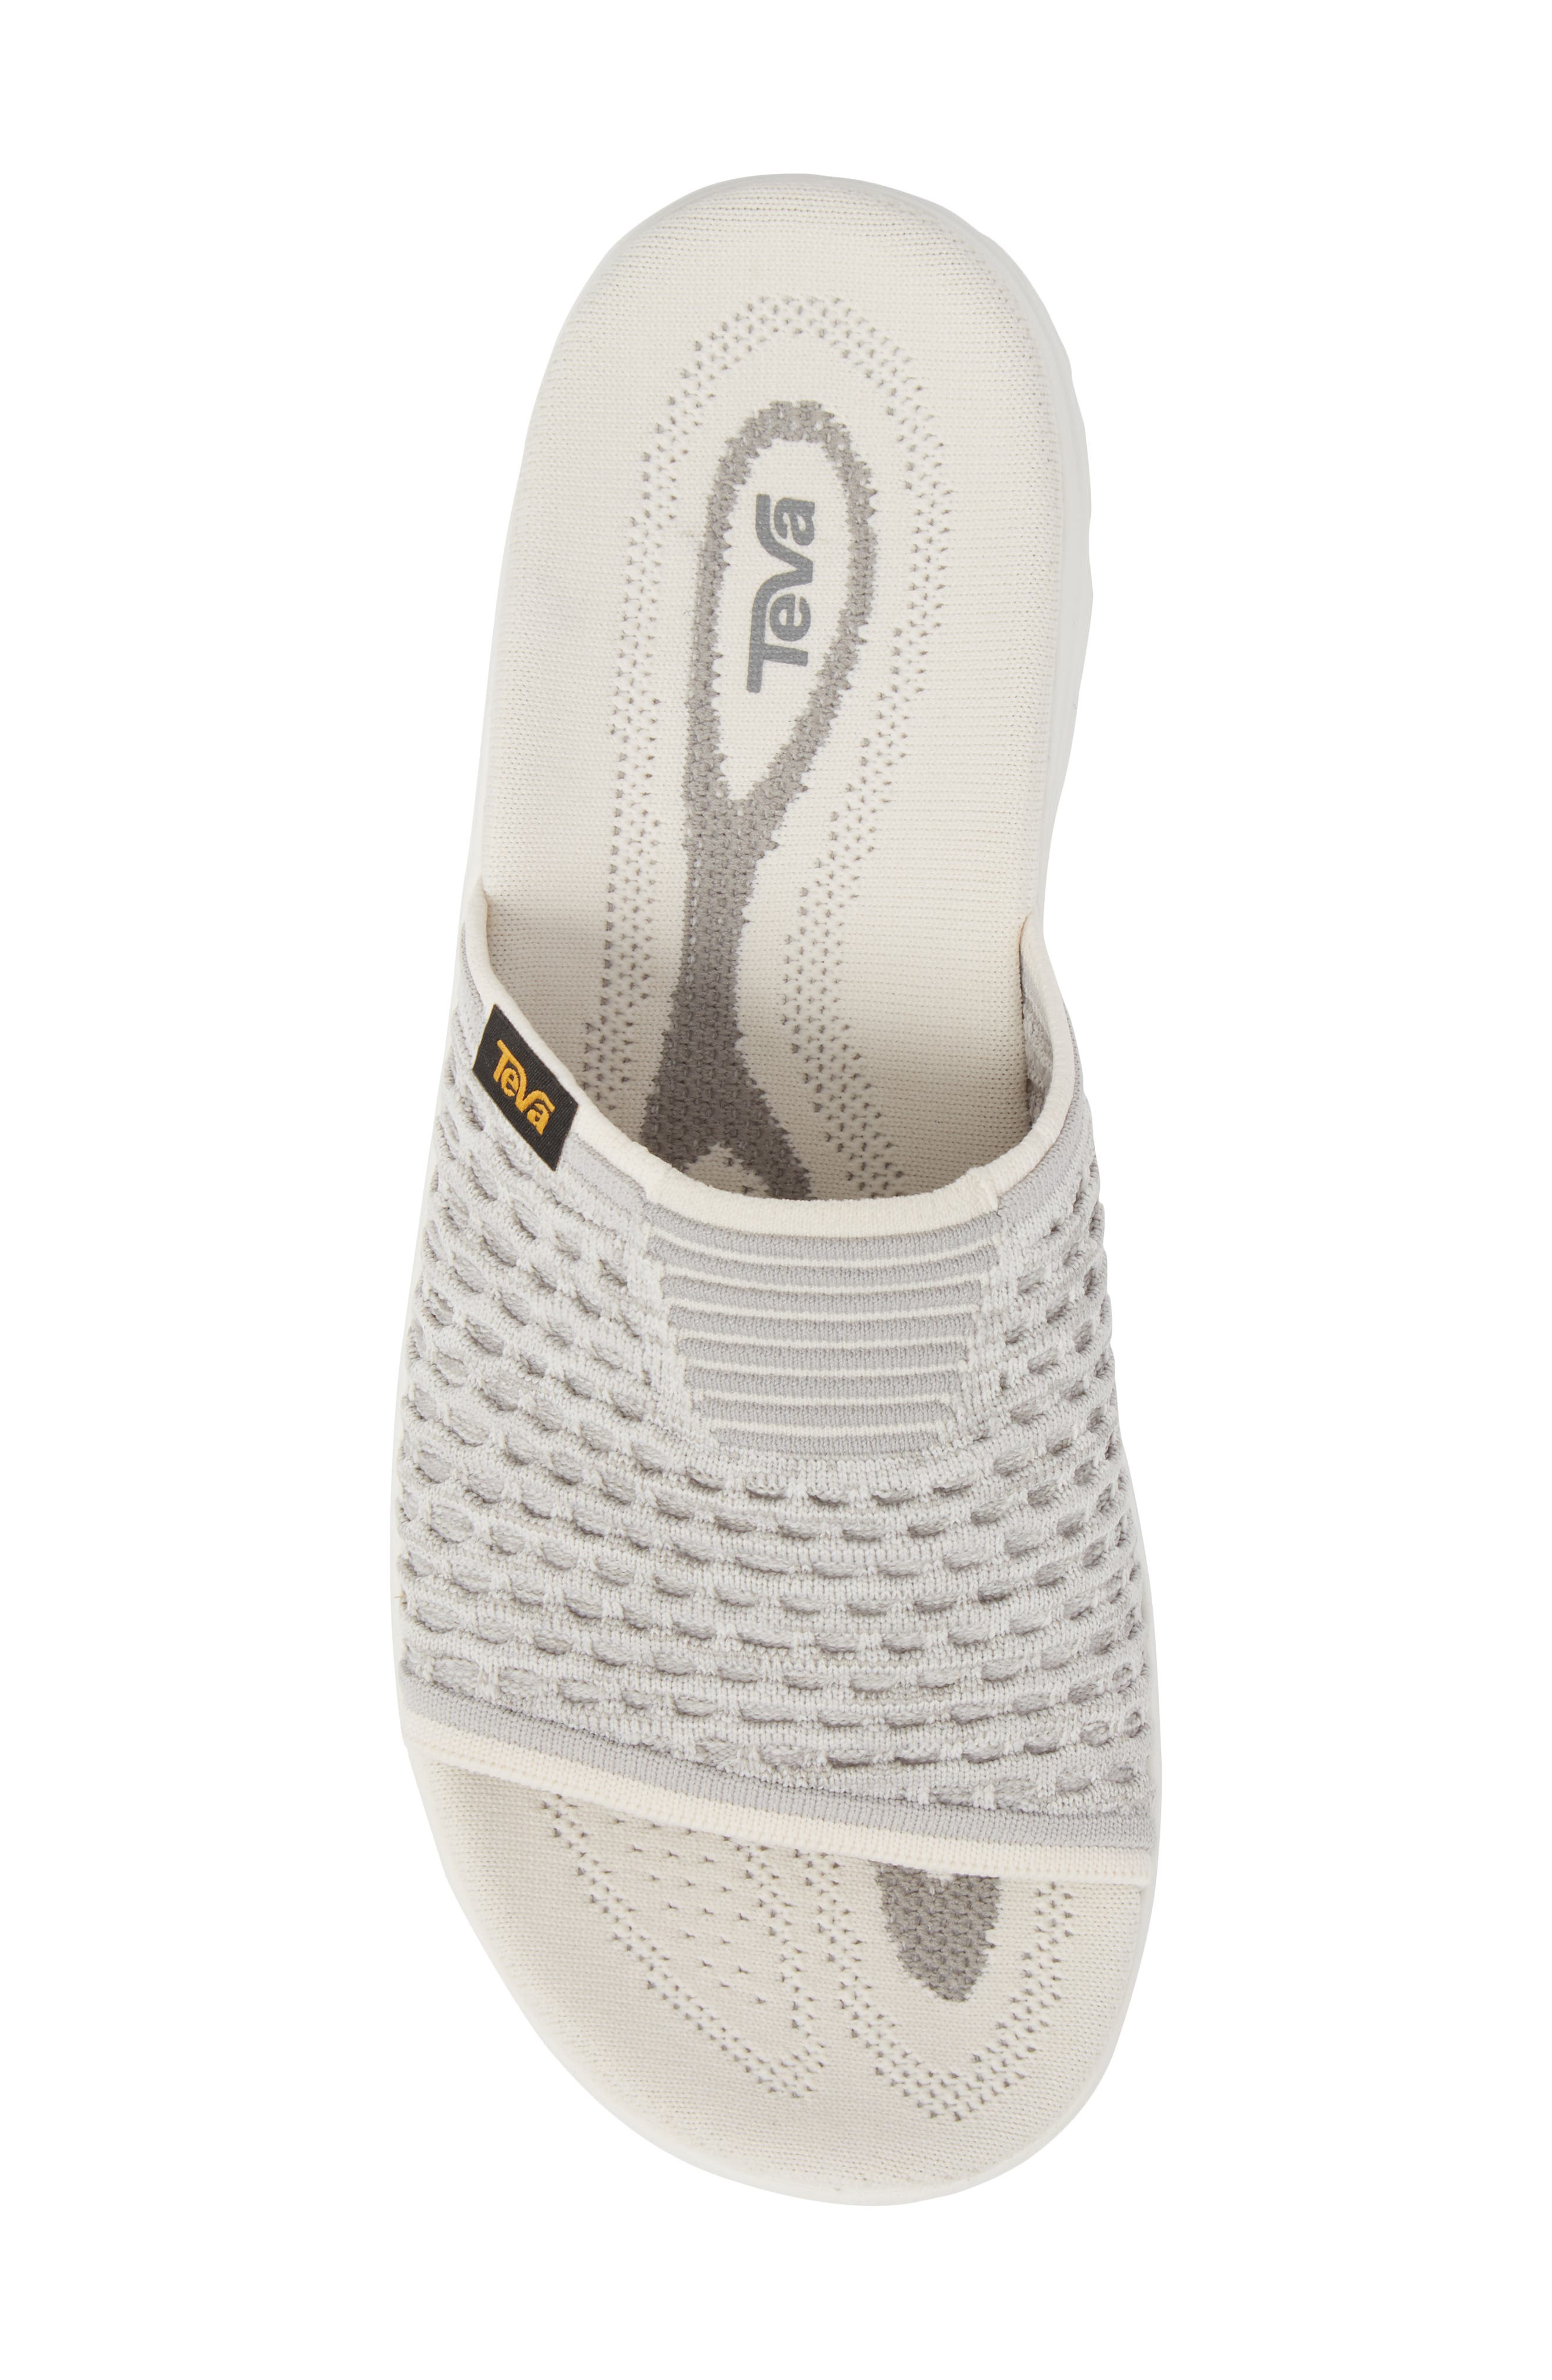 Terra-Float 2 Knit Slide Sandal,                             Alternate thumbnail 5, color,                             Bright White